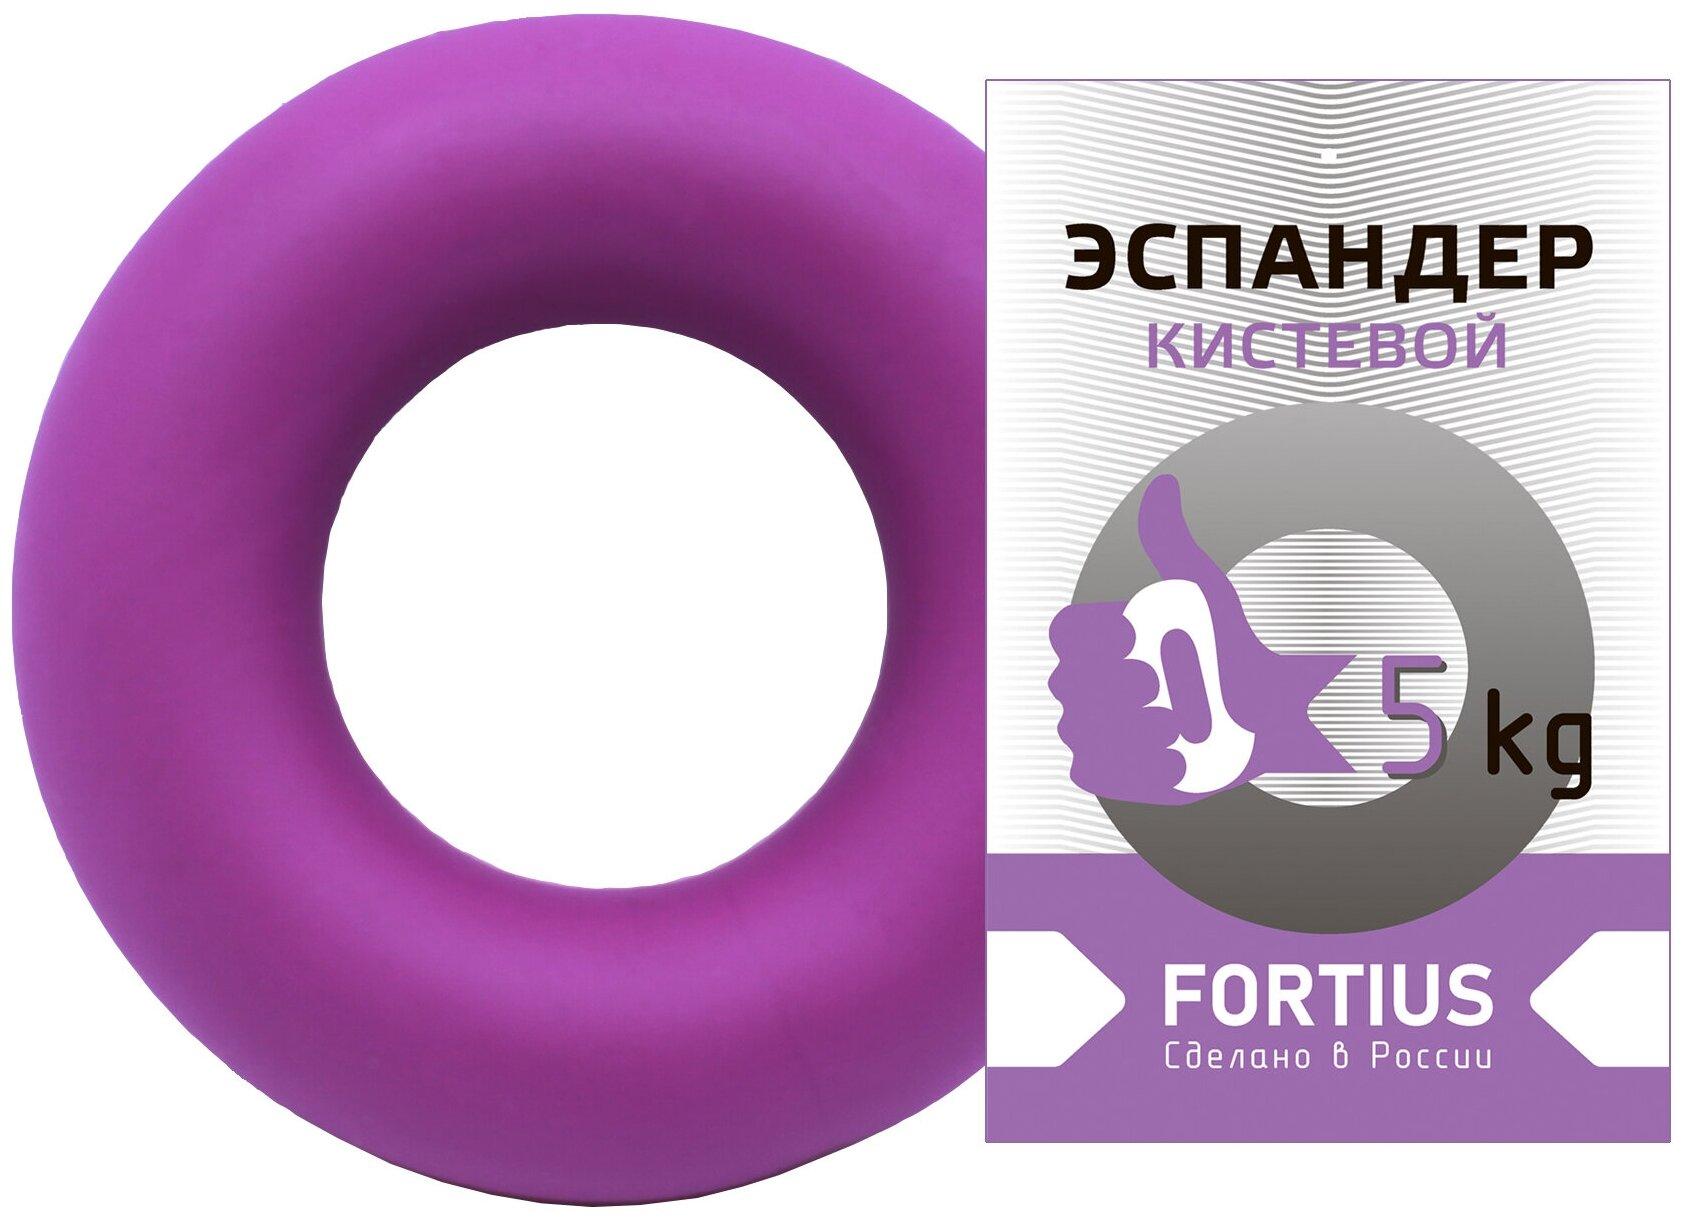 """Эспандер кистевой """"Fortius"""" жесткость 5 кг (фиолетовый) — купить по выгодной цене на Яндекс.Маркете"""